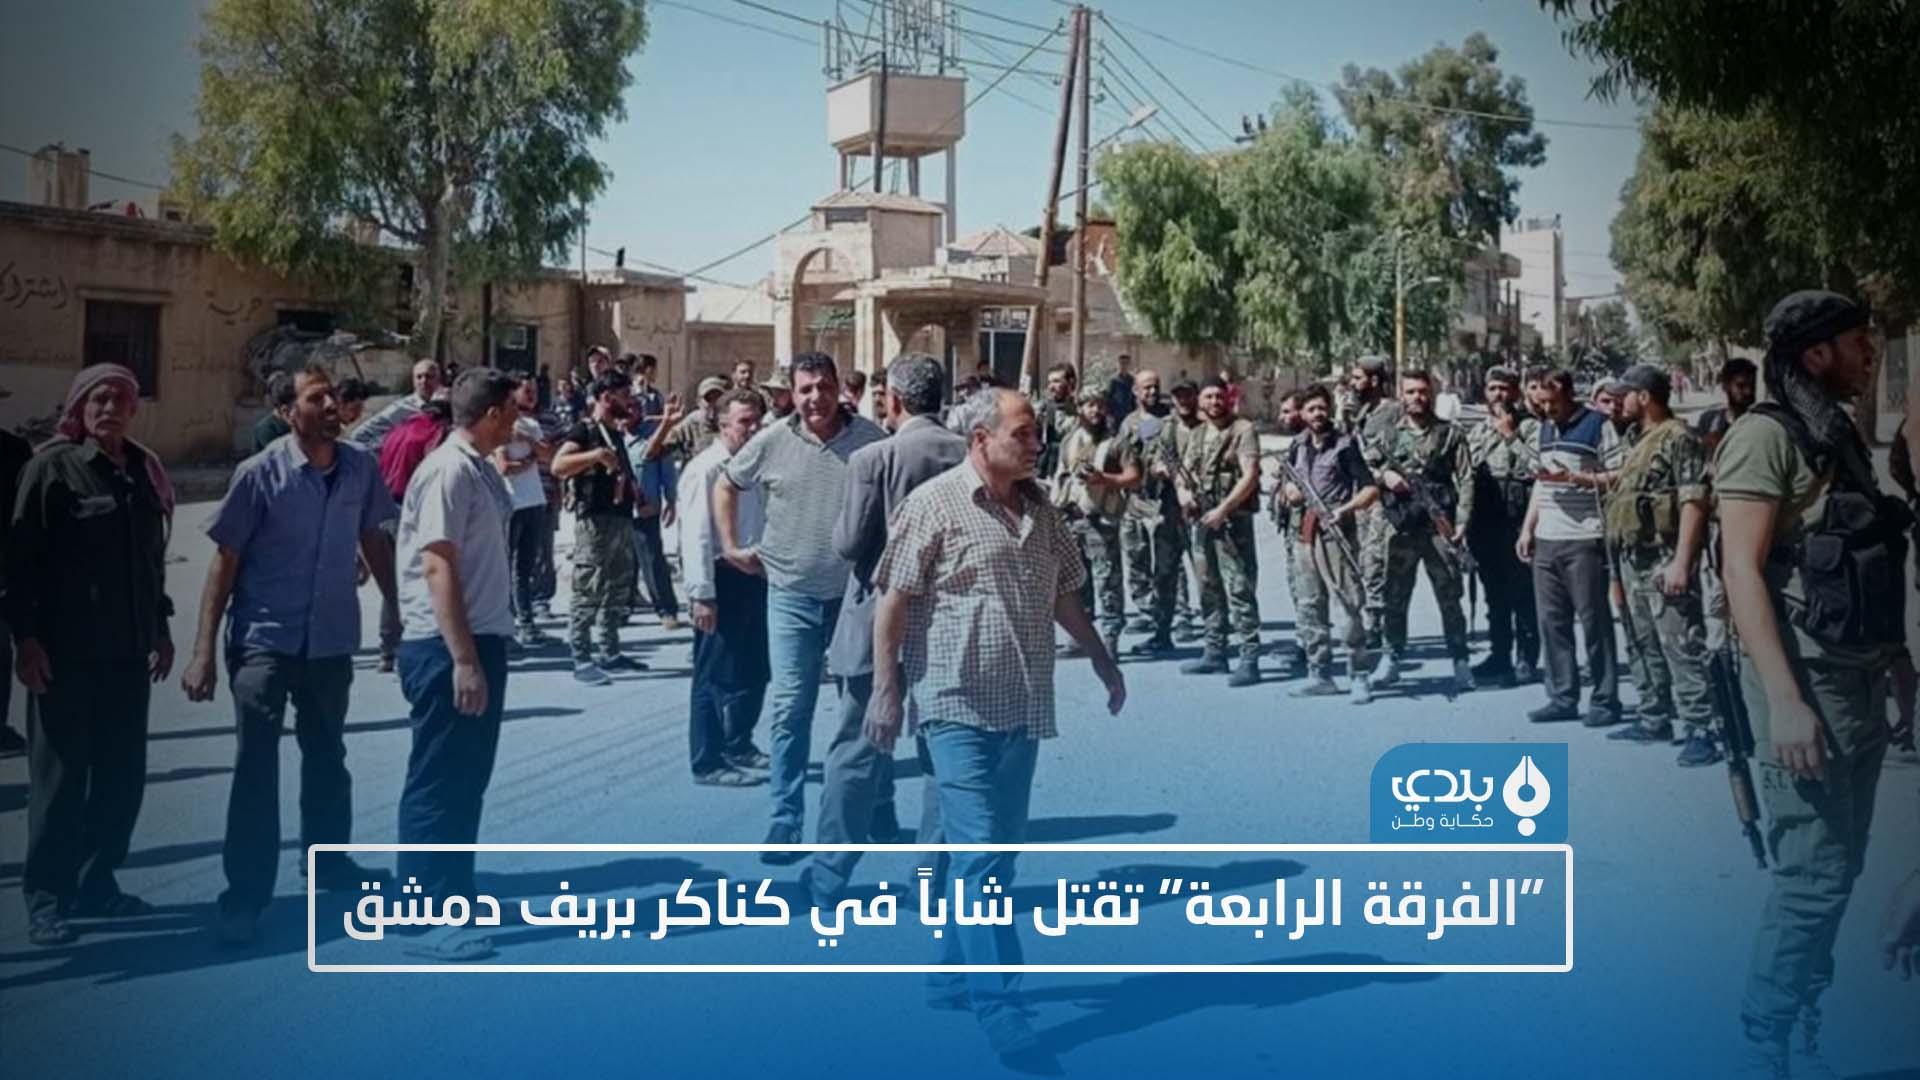 كناكر الفرقة الرابعة ريف دمشق